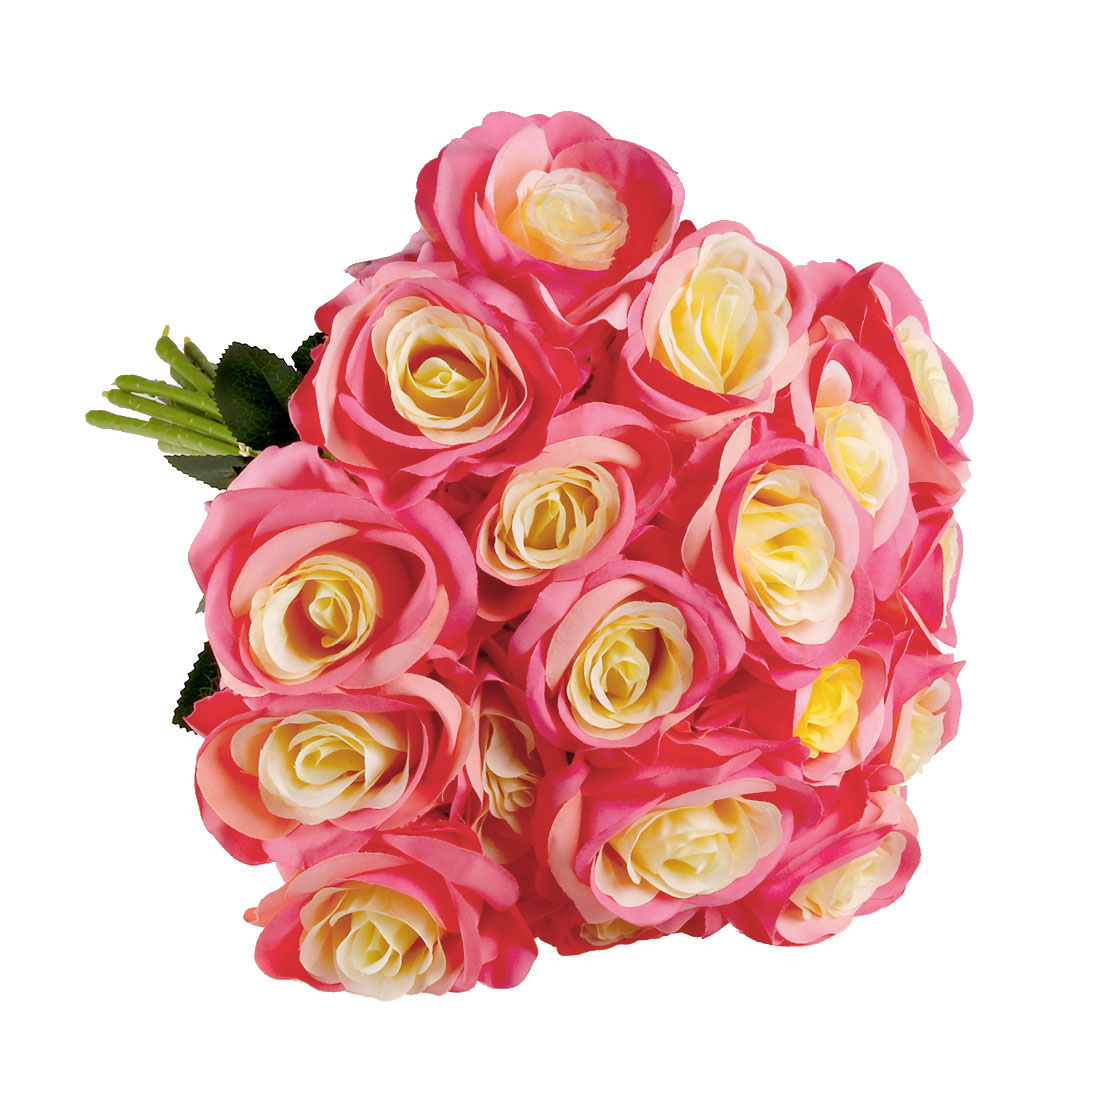 Artificial Silk Vintage Rose Flowers Bouquet Wedding Home Decor Pink Edge 18pcs